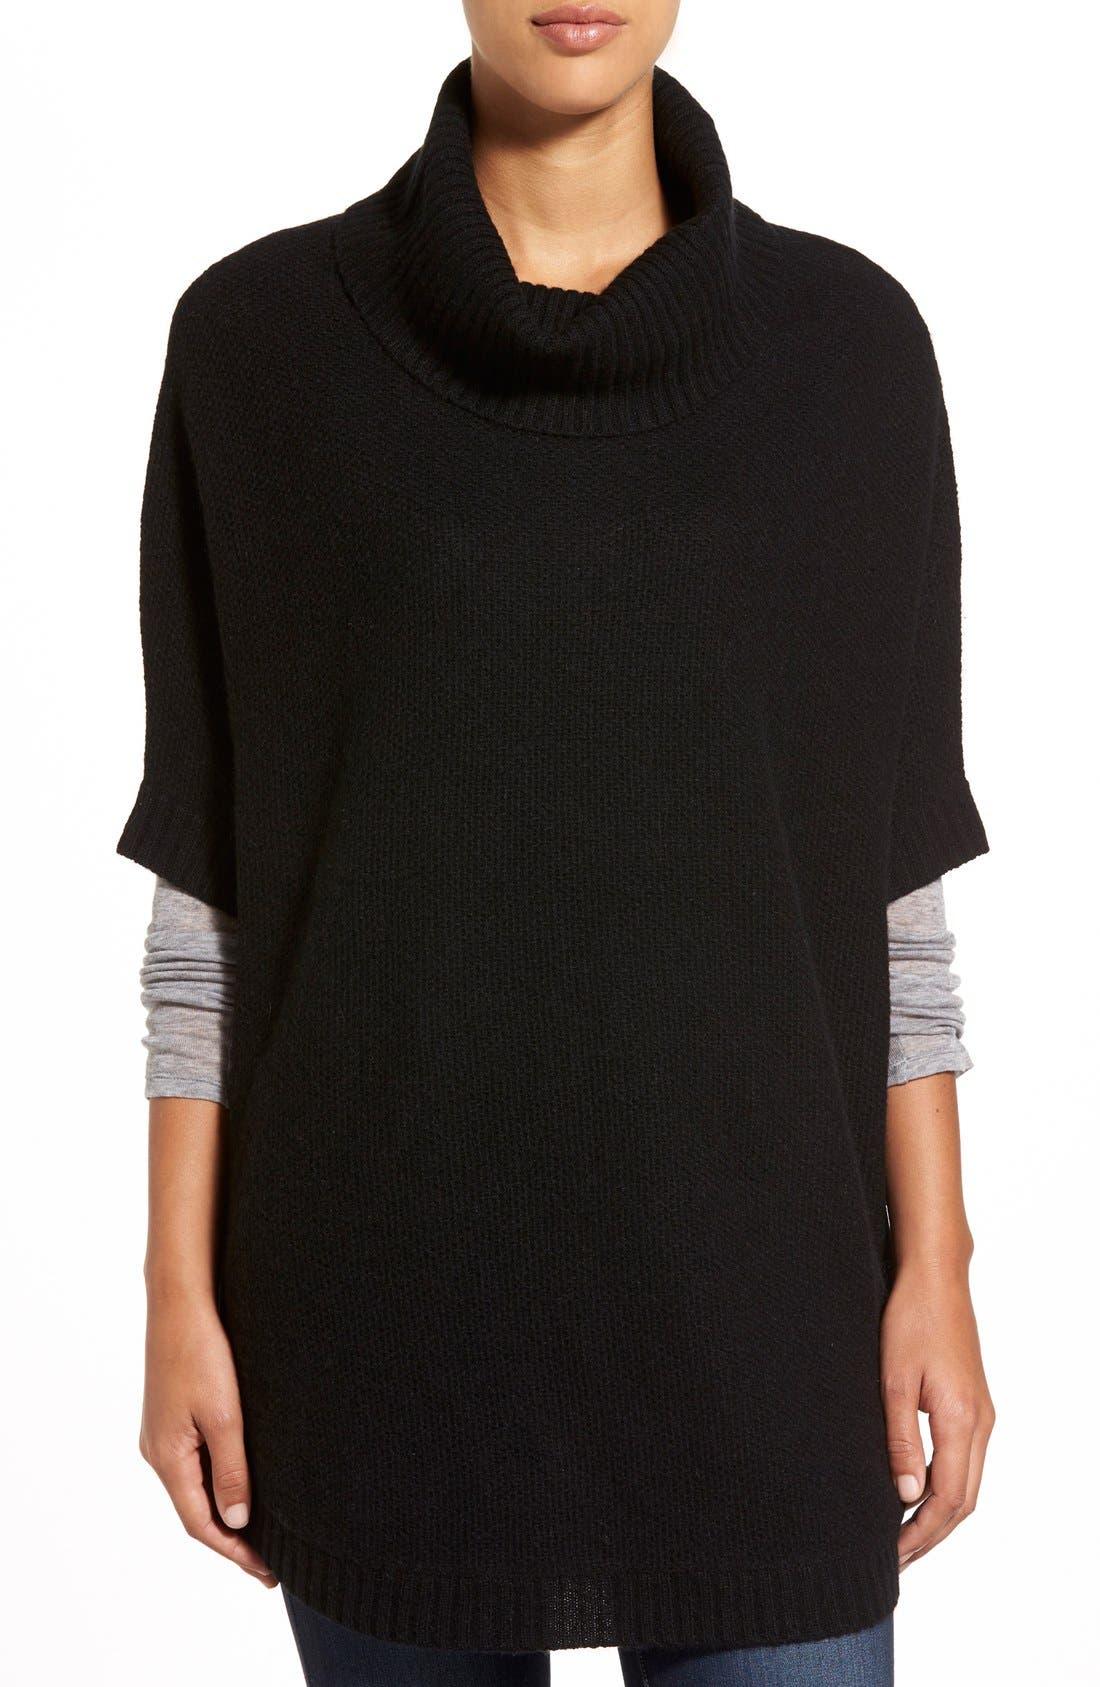 Alternate Image 1 Selected - Nordstrom Cashmere Turtleneck Sweater